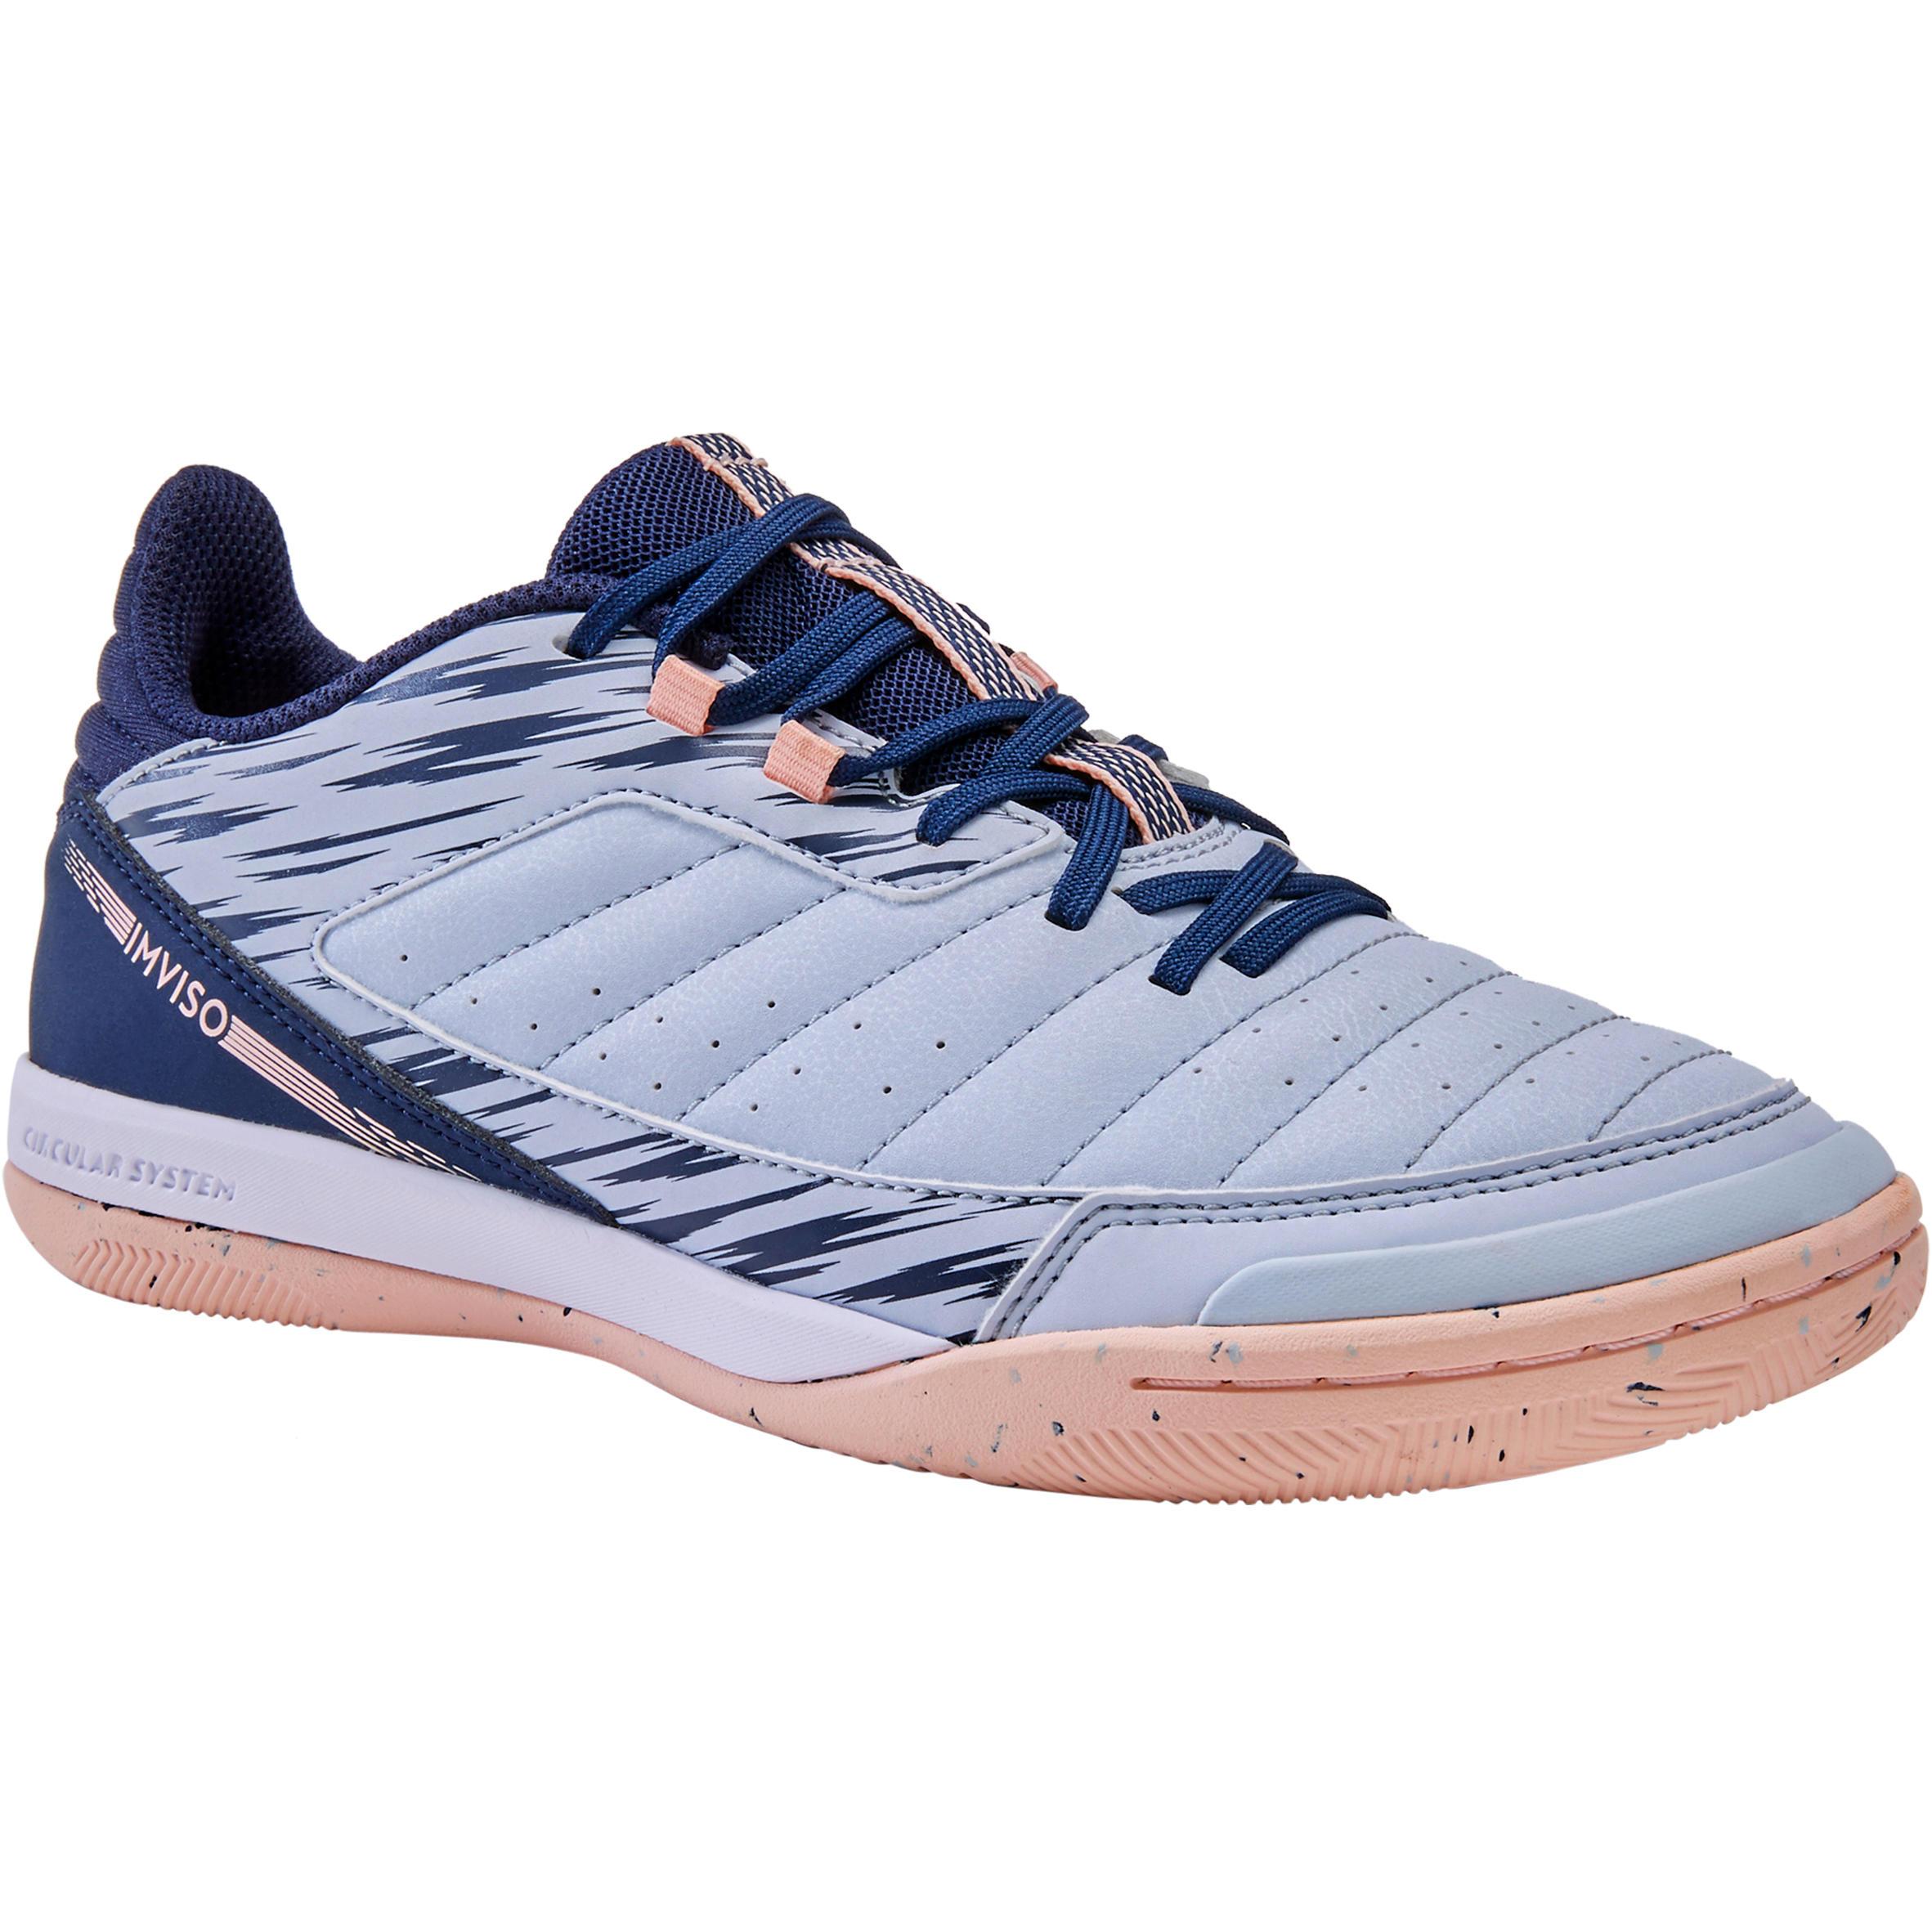 Hallenschuhe Futsal Eskudo 500 Damen grau | Schuhe > Sportschuhe > Hallenschuhe | Imviso